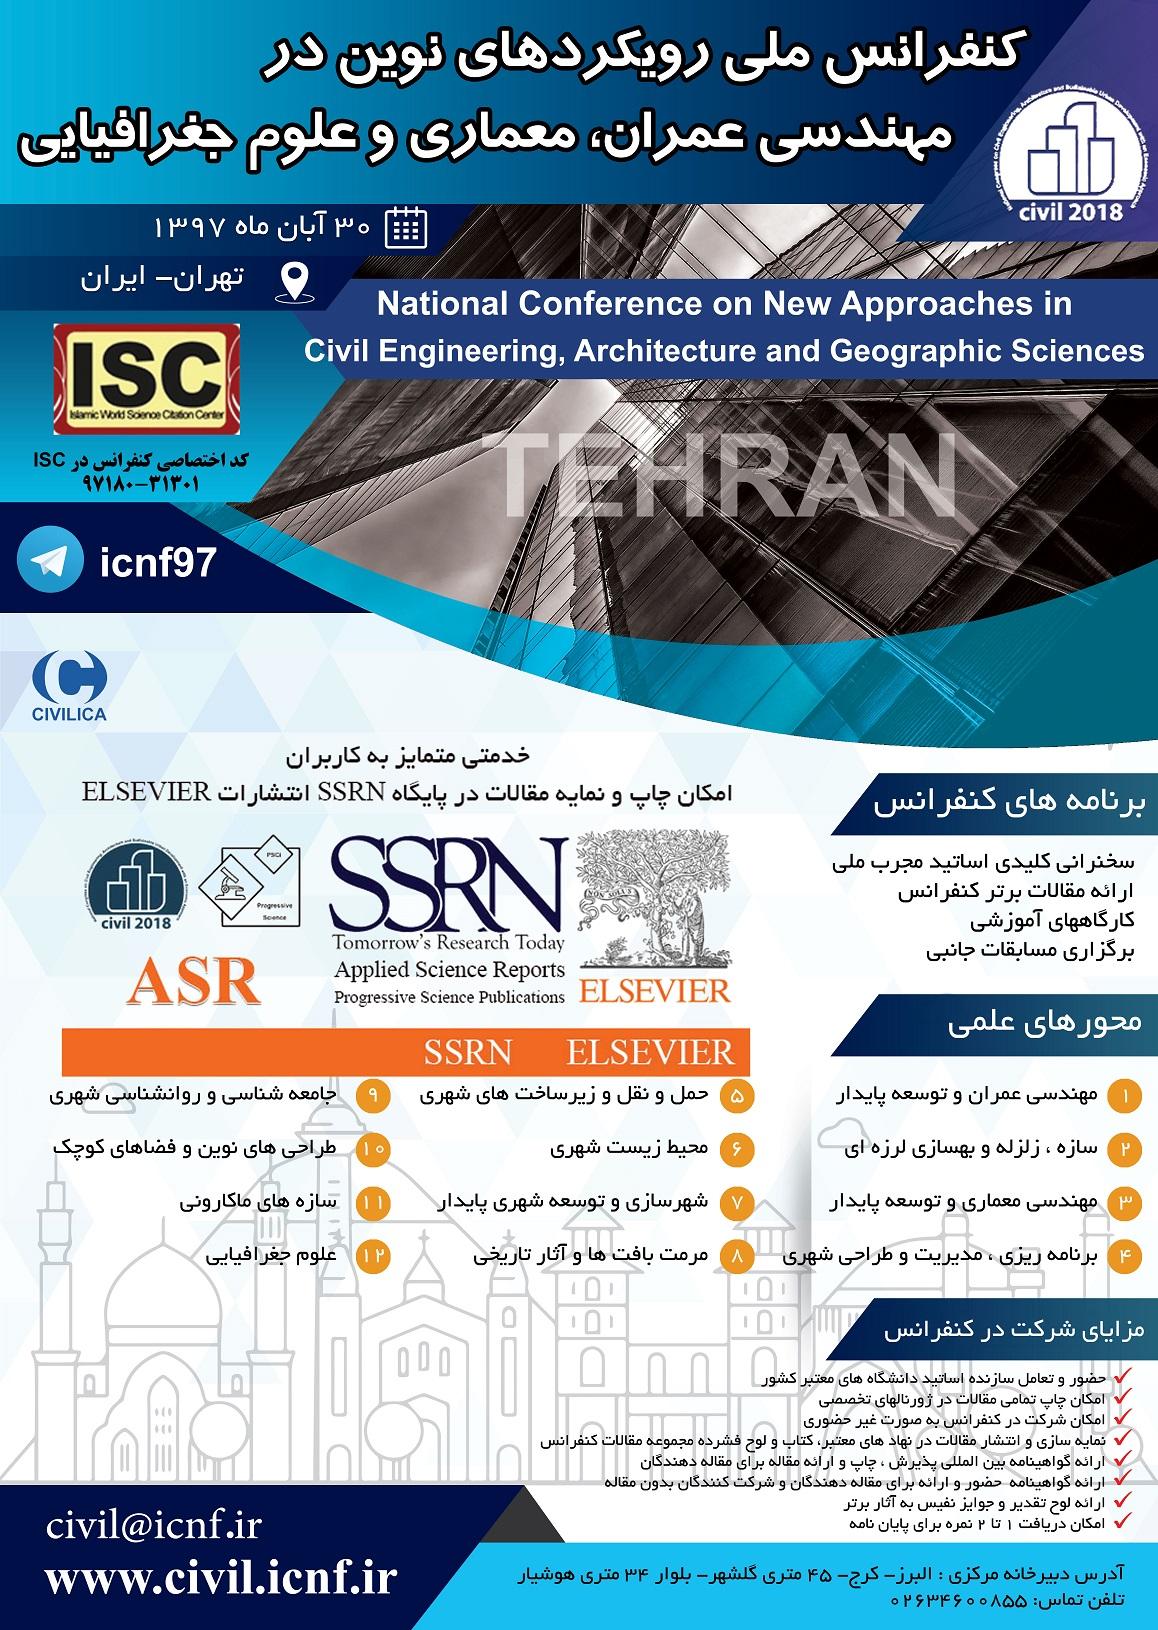 کنفرانس ملی رویکردهای نوین در مهندسی عمران، معماری و علوم جغرافیایی